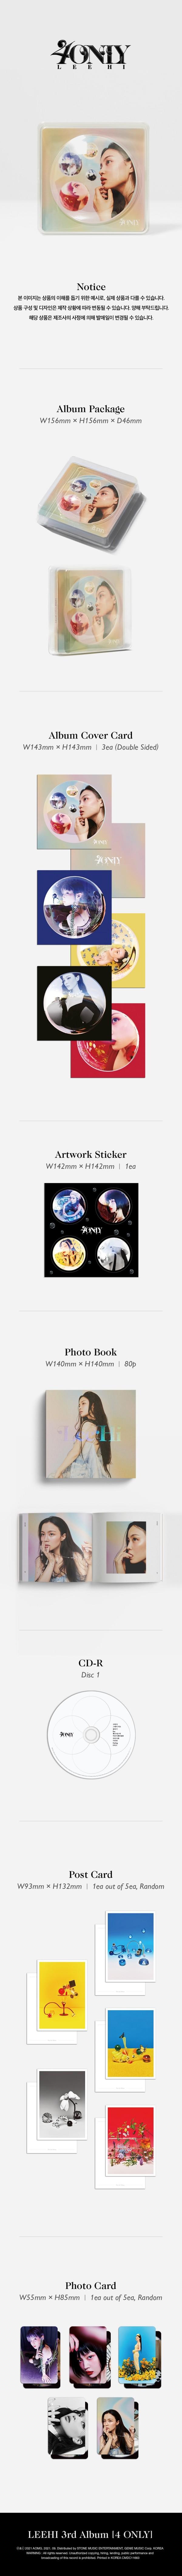 イ・ハイ|韓国サードアルバム『4 ONLY』|